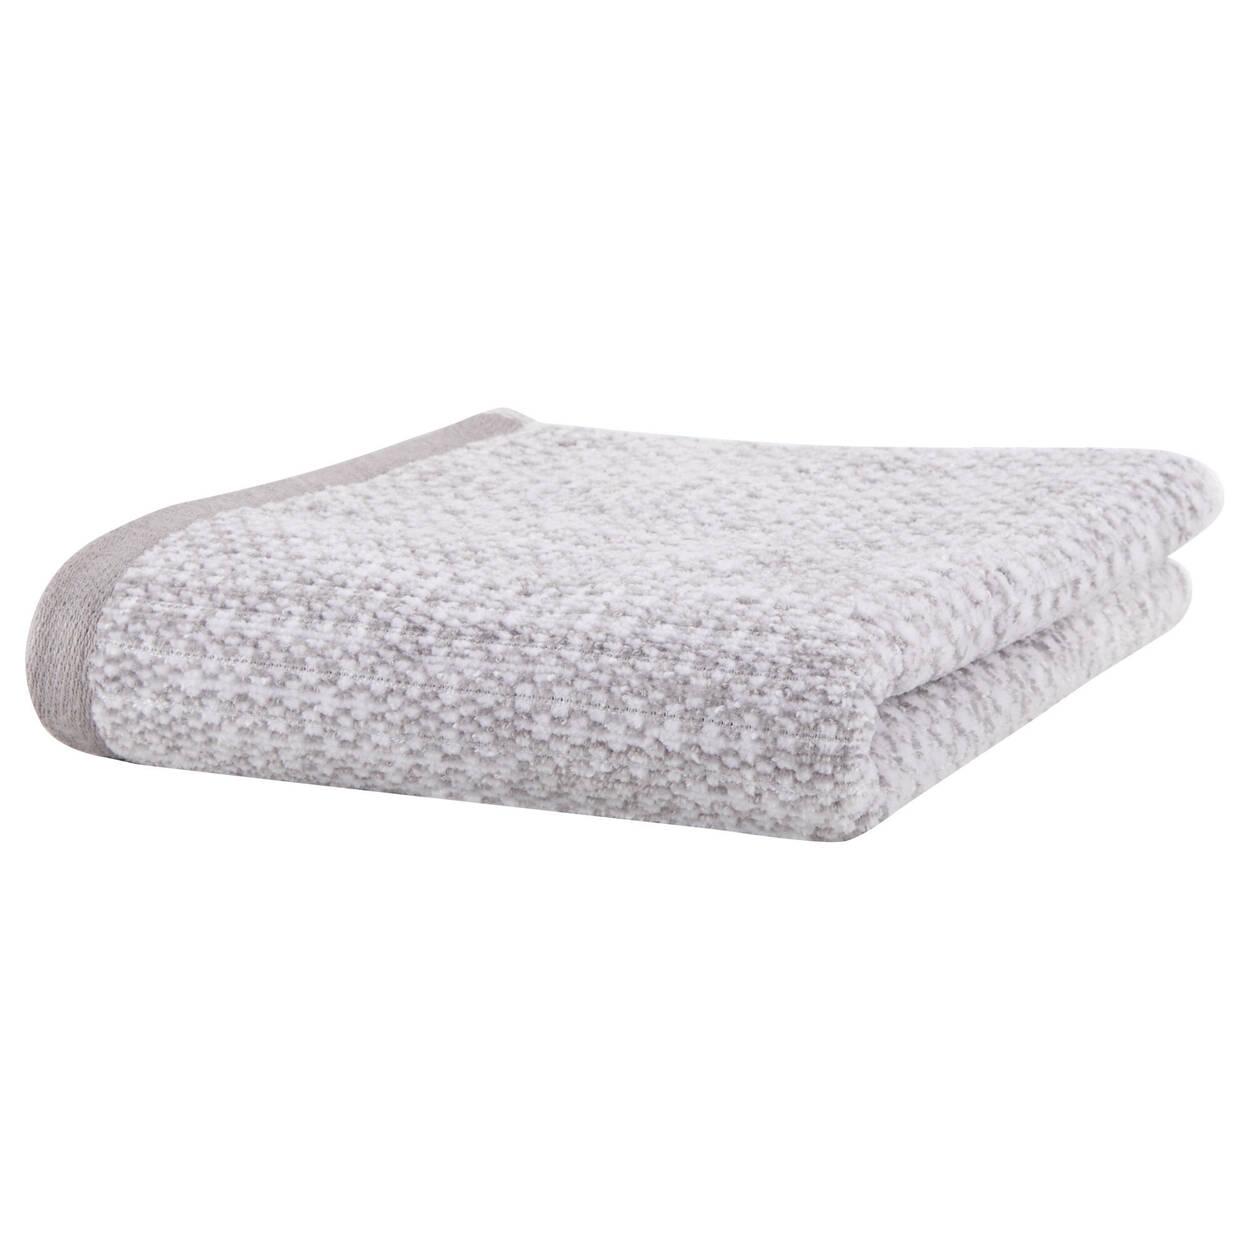 Velvet-Like Hand Towel